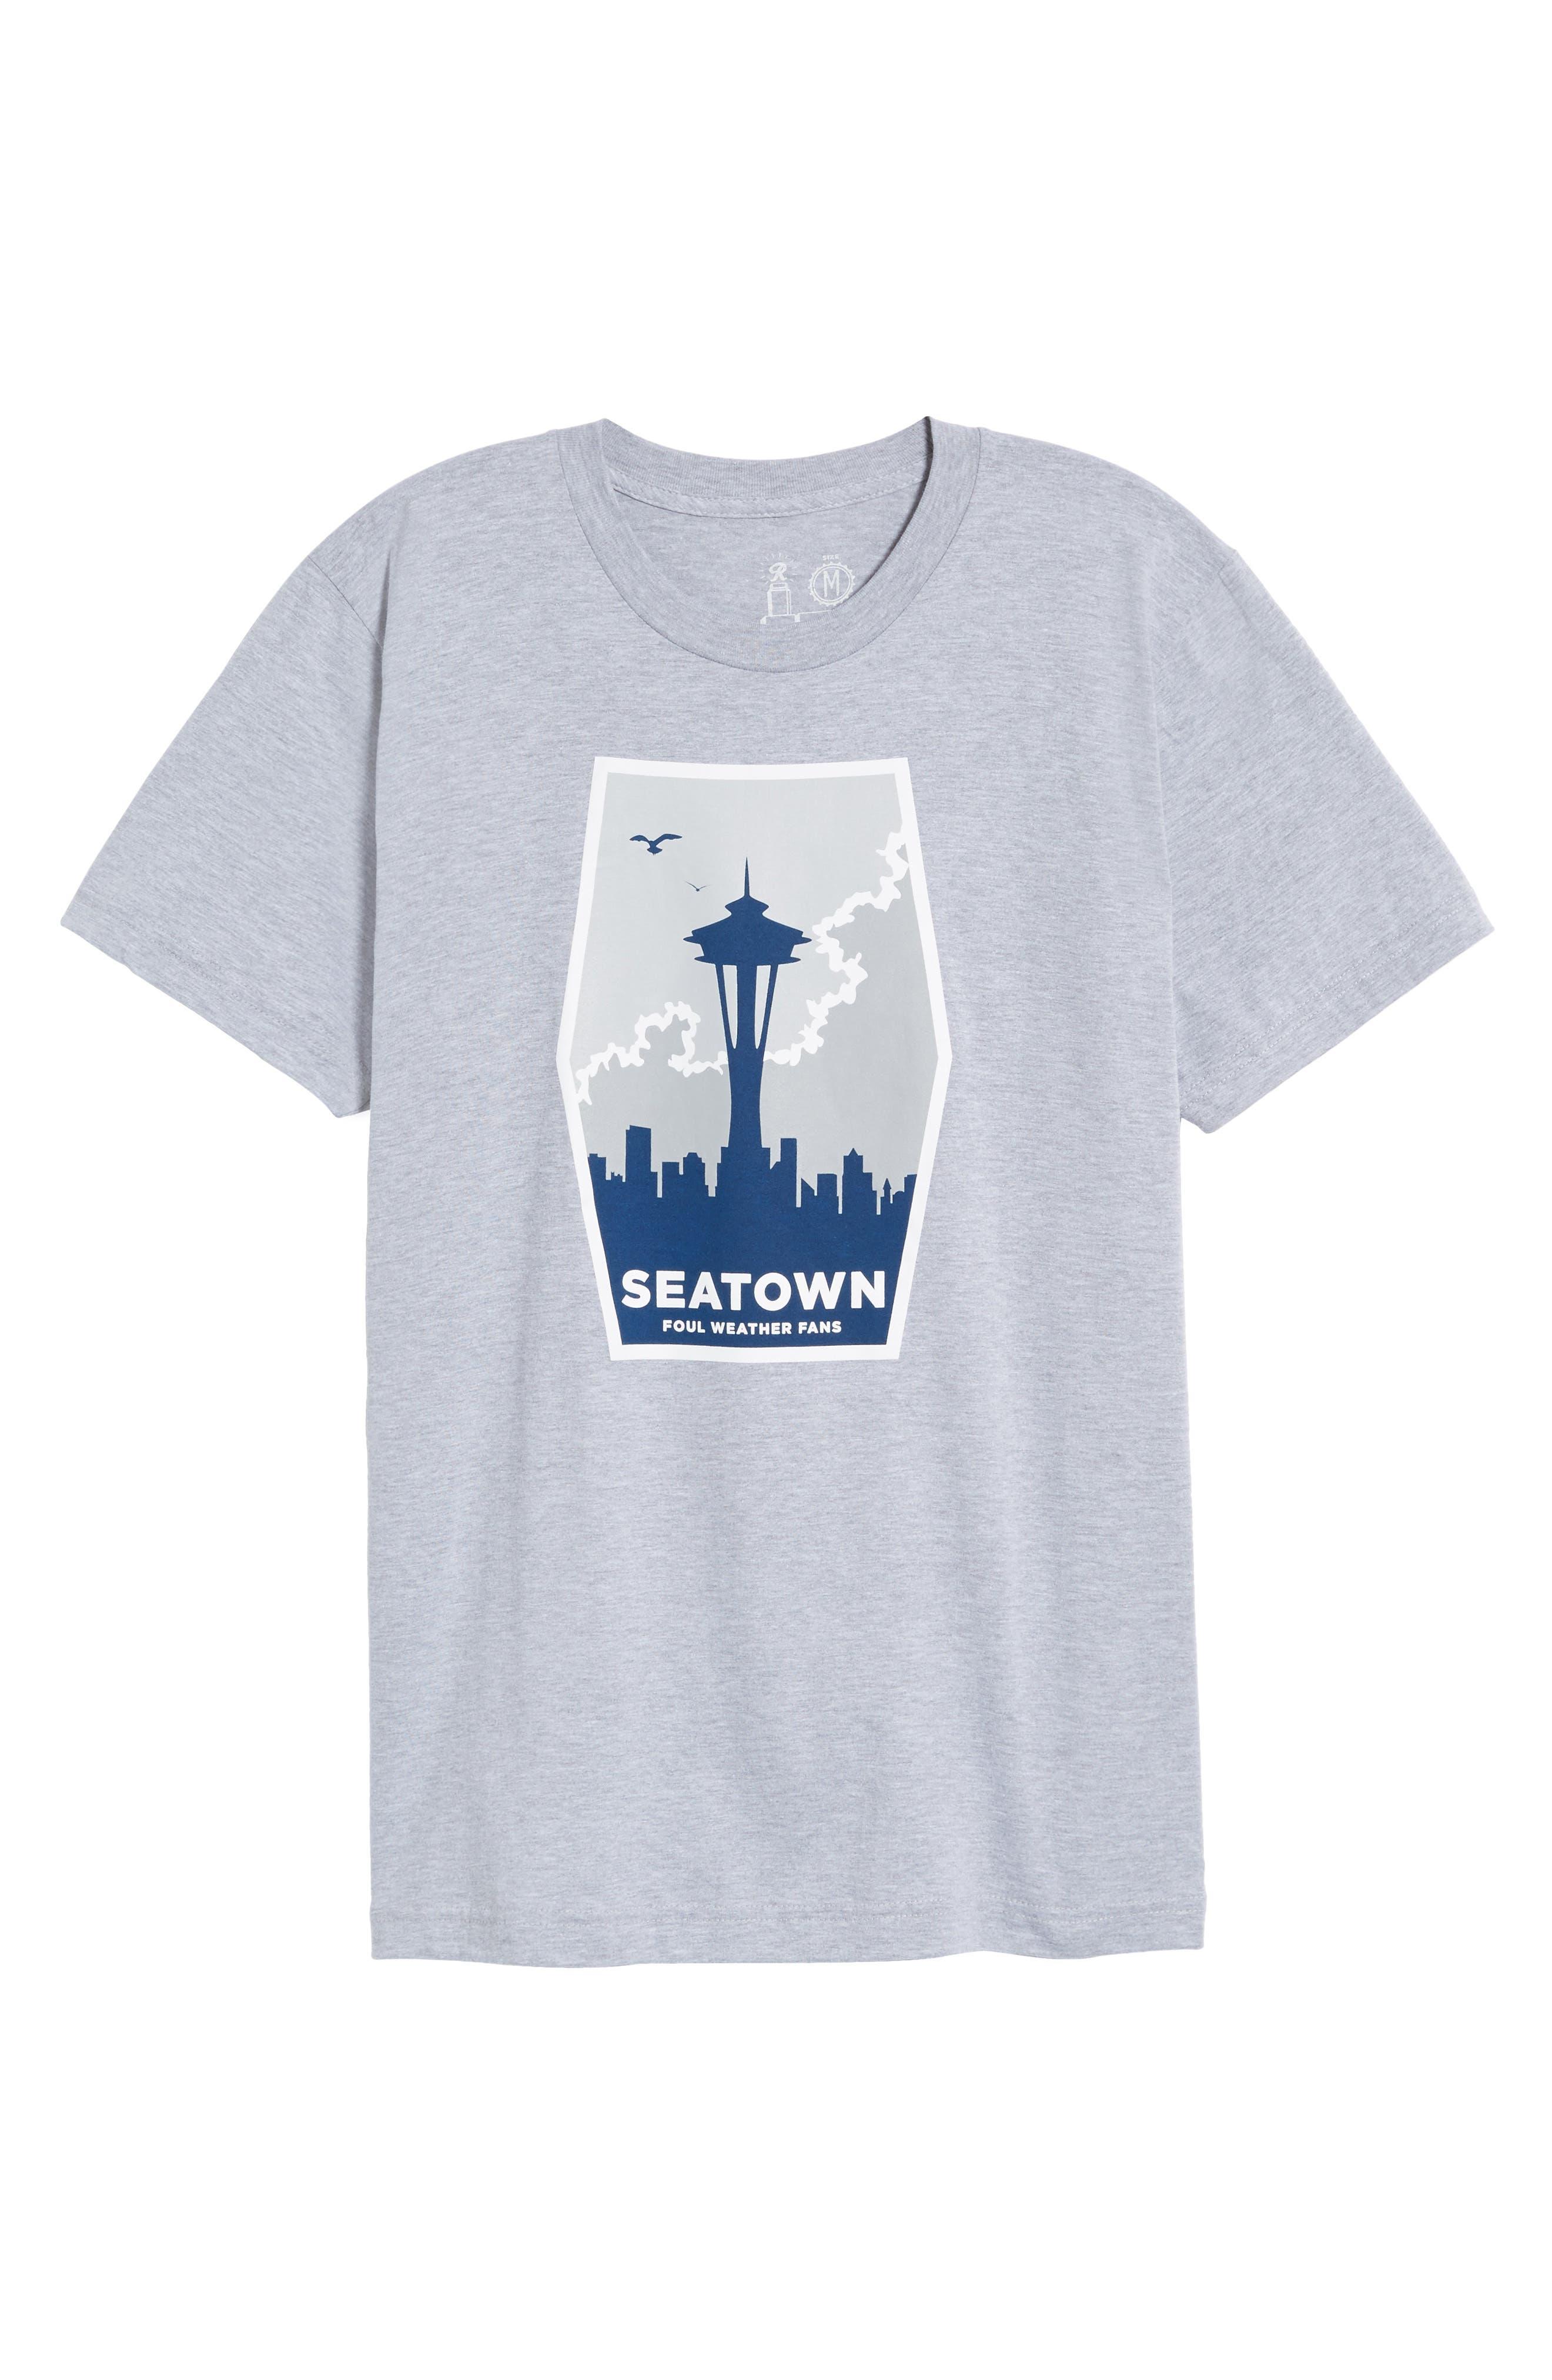 Foul Weather Fans T-Shirt,                             Alternate thumbnail 6, color,                             020